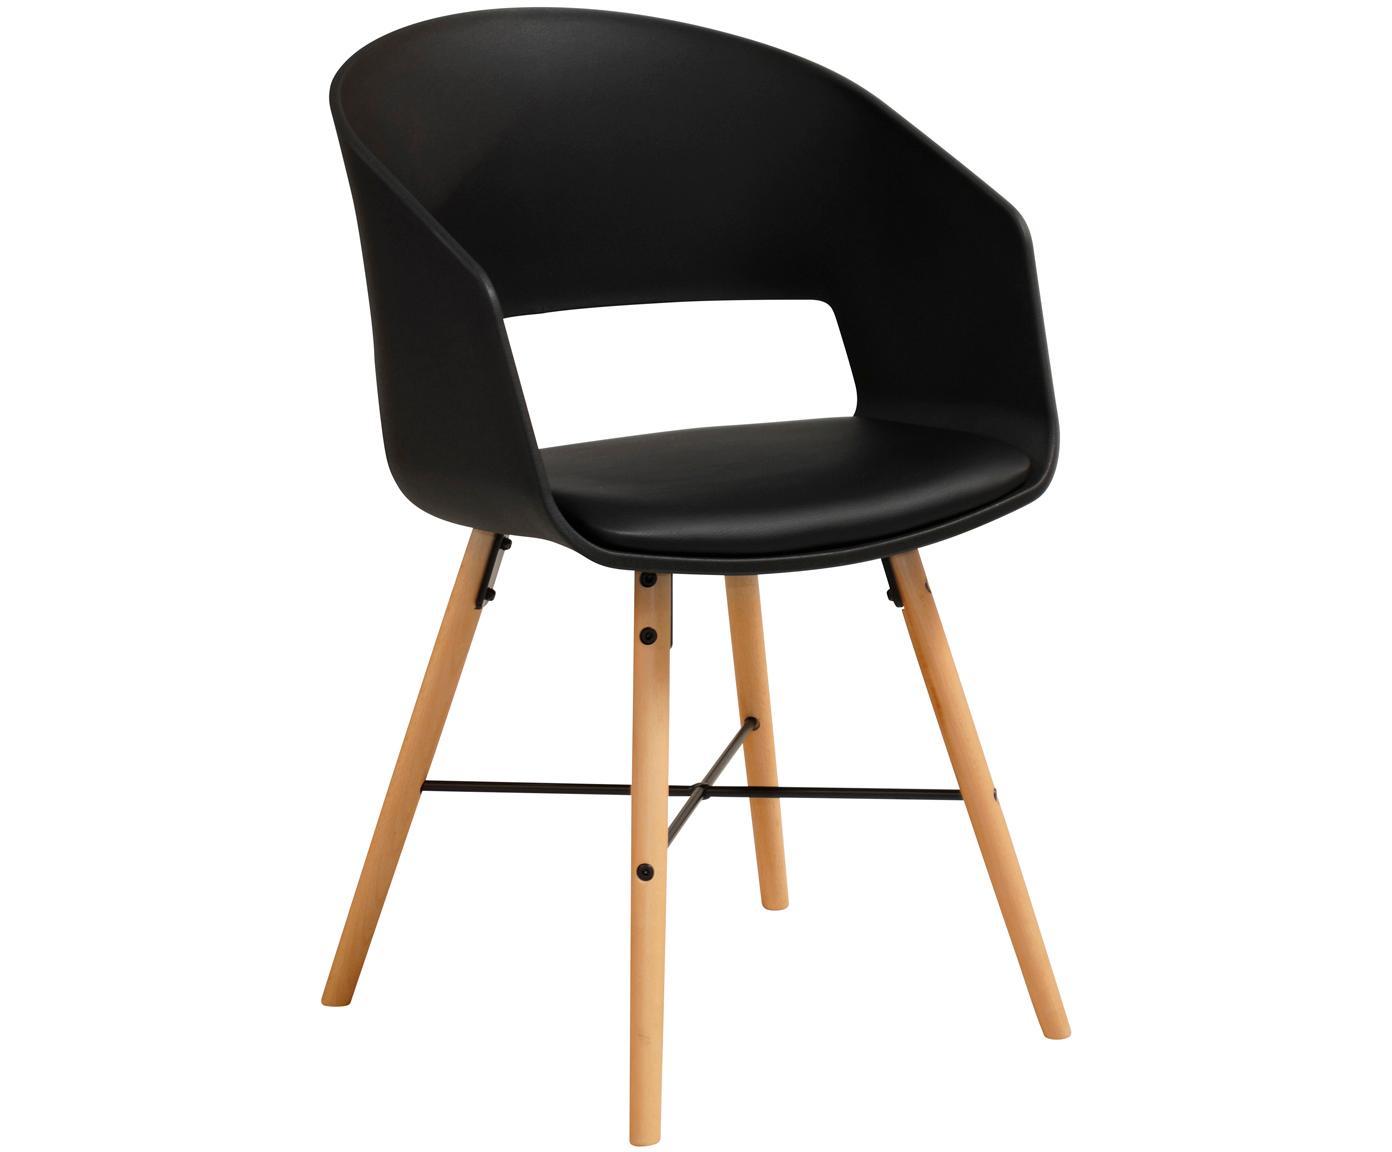 Krzesło z podłokietnikami z tapicerowanym siedziskiem Luna, 2 szt., Nogi: drewno bukowe, lakierowan, Czarny, S 52 x W 81 cm